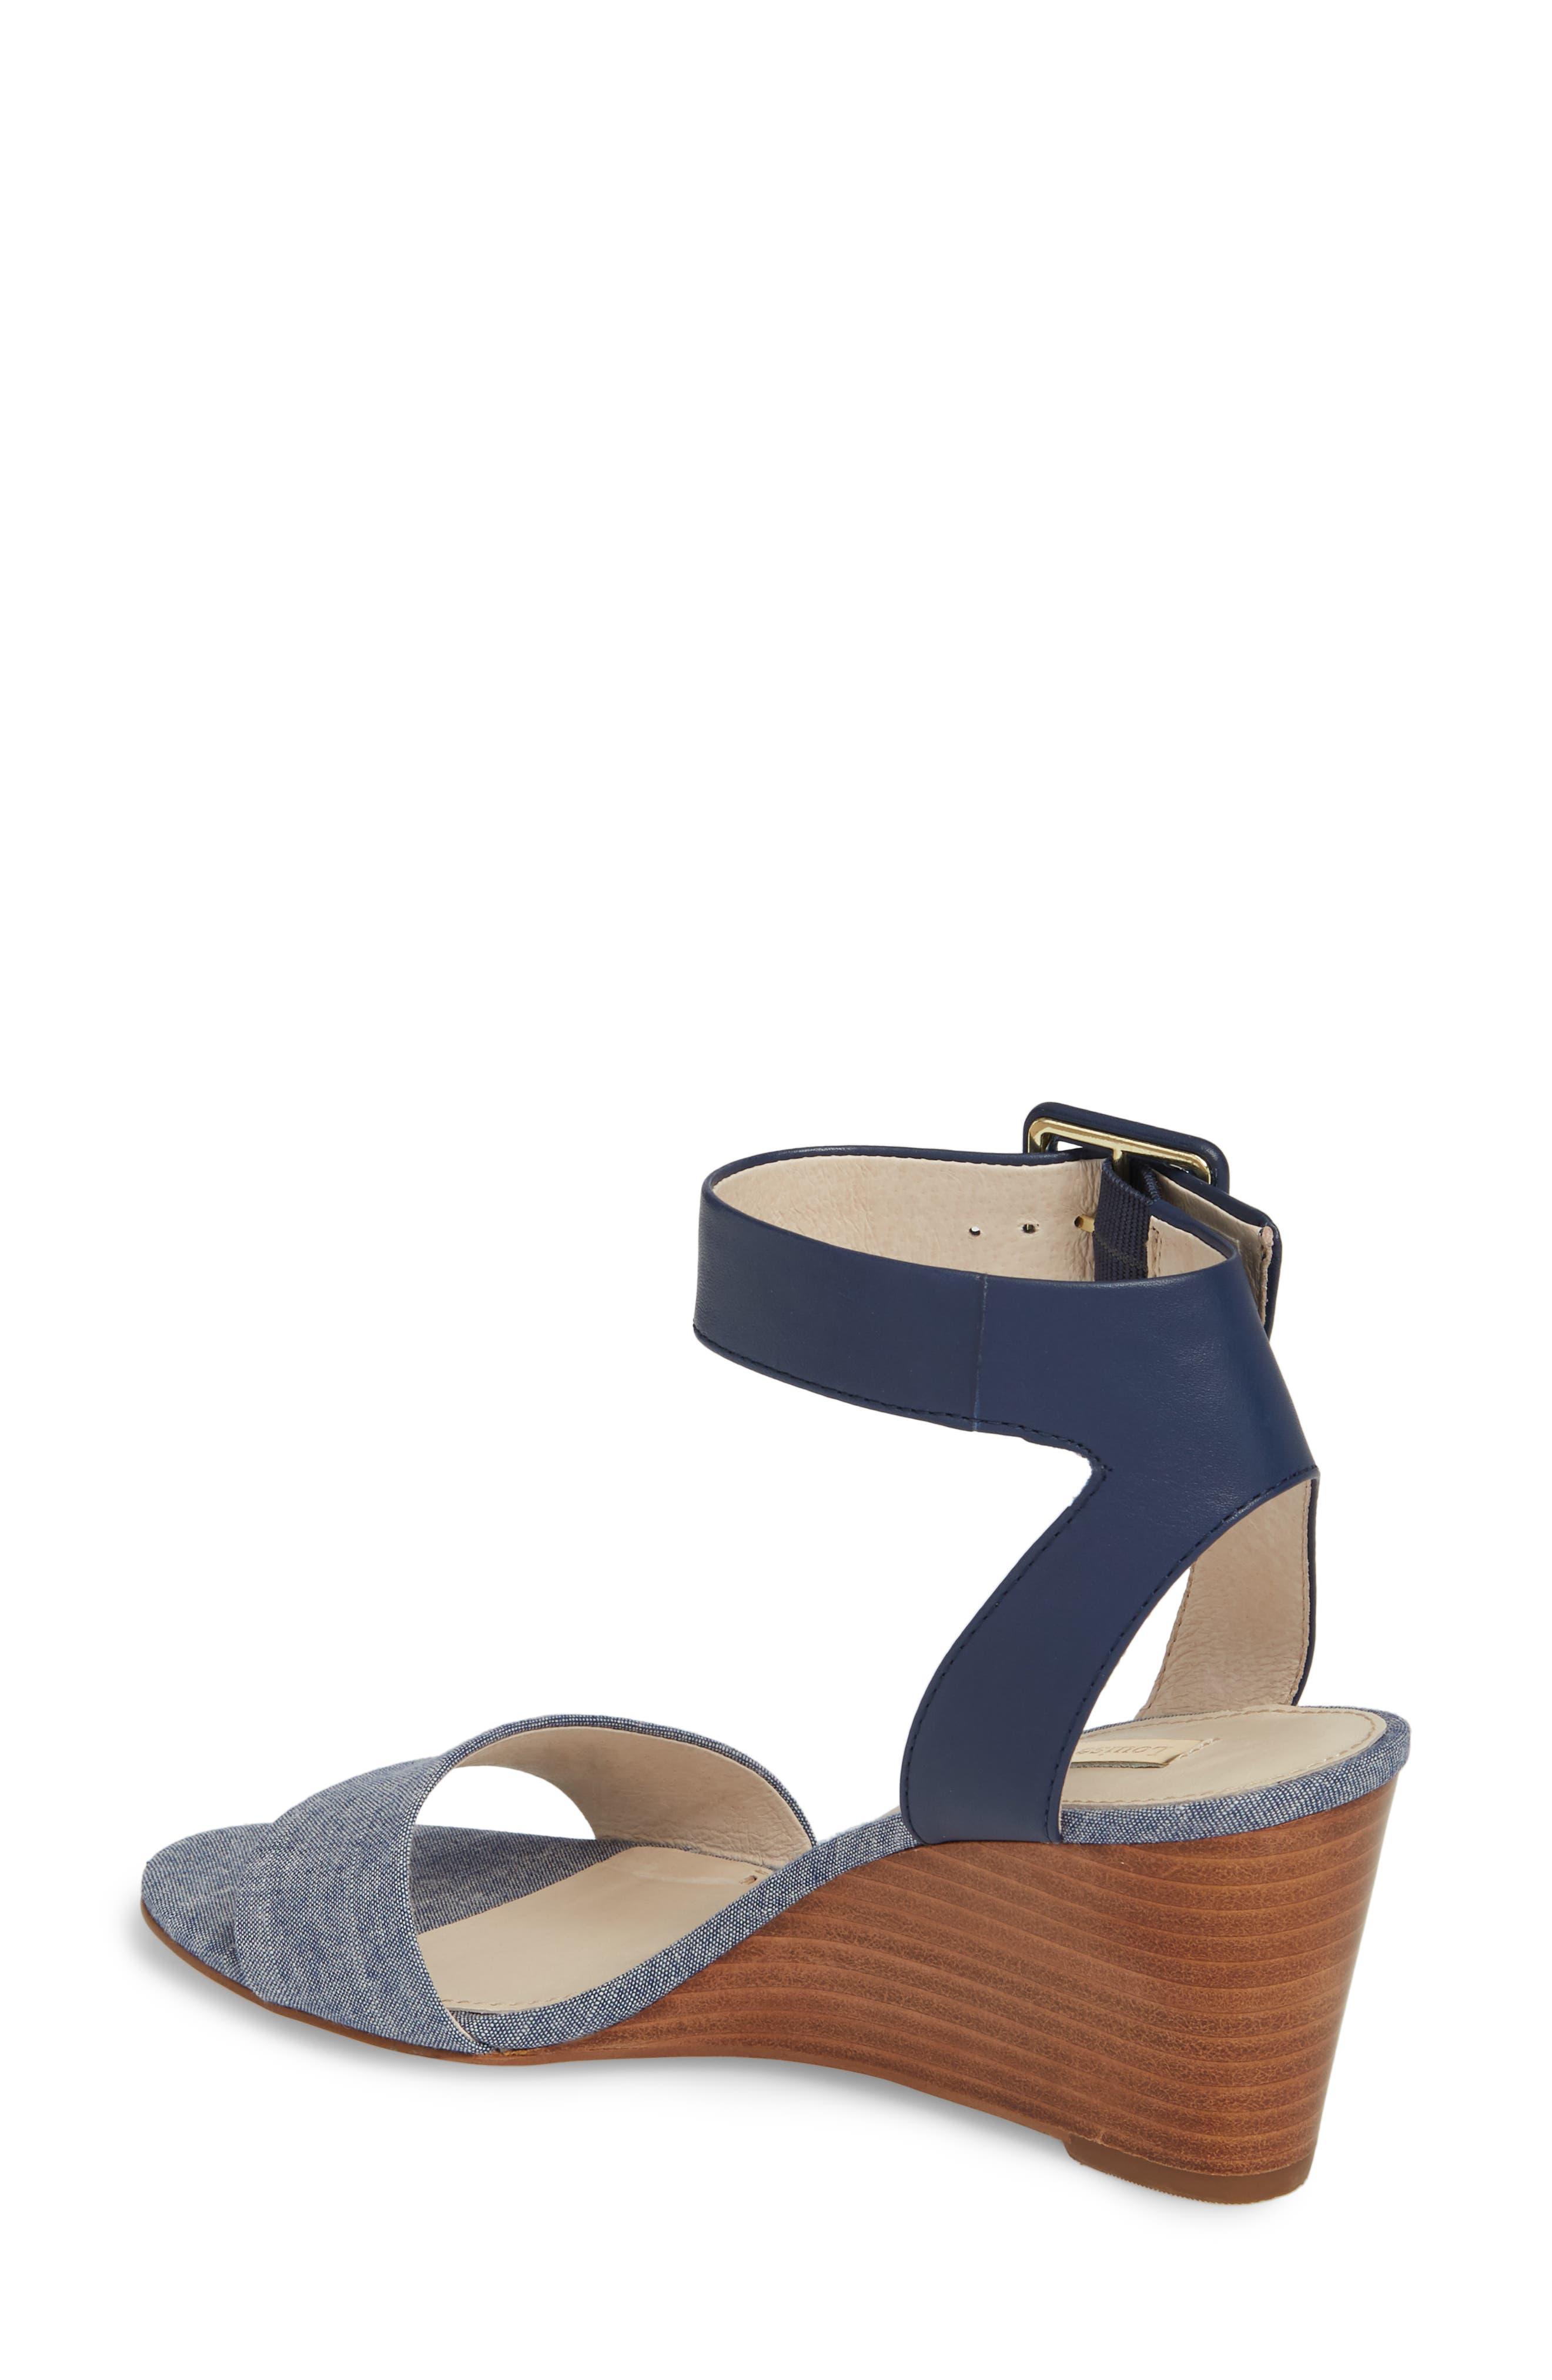 Punya Wedge Sandal,                             Alternate thumbnail 2, color,                             Denim Fabric